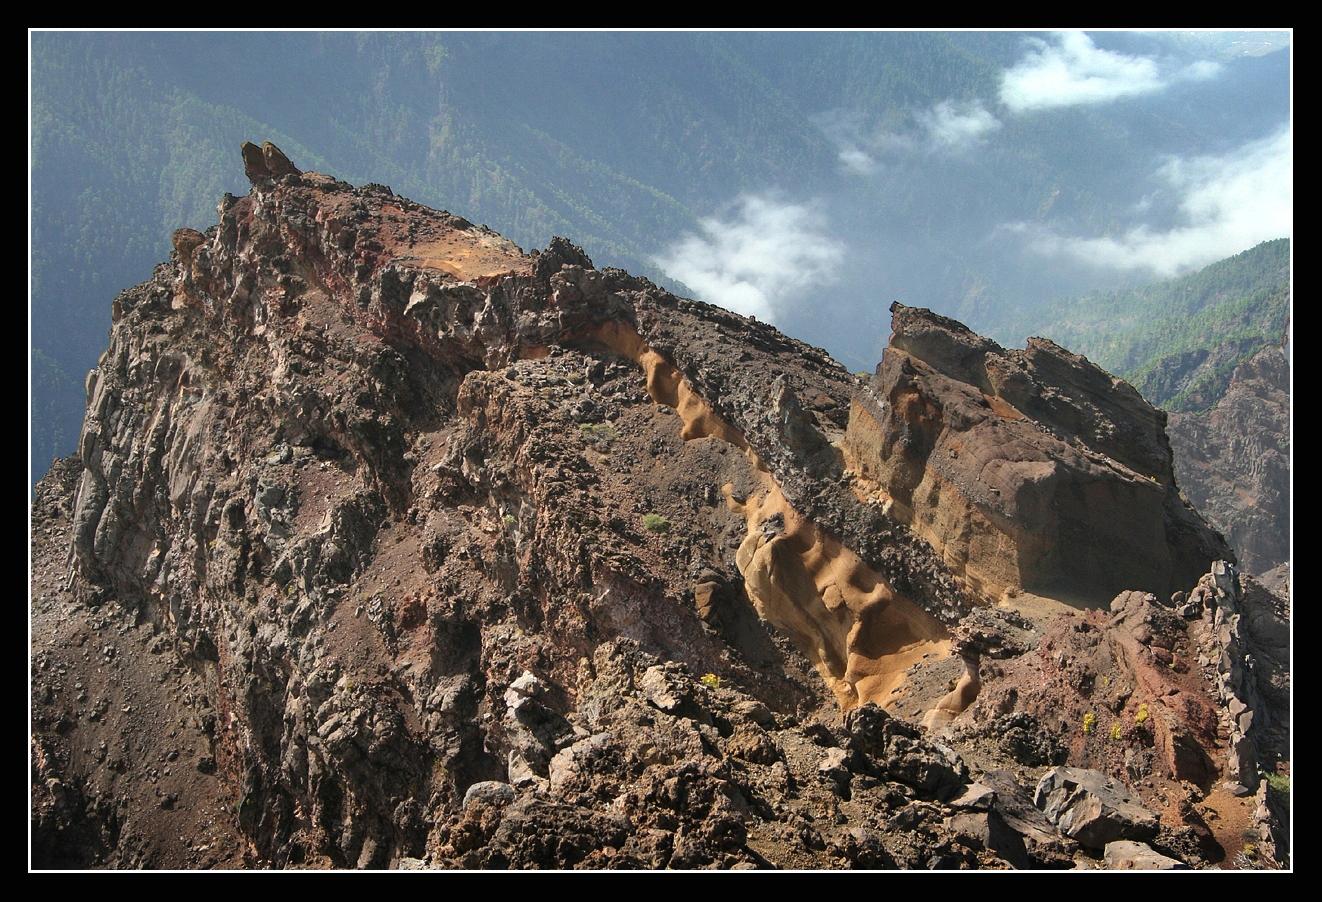 Caldera de Taburiente - La Palma 7